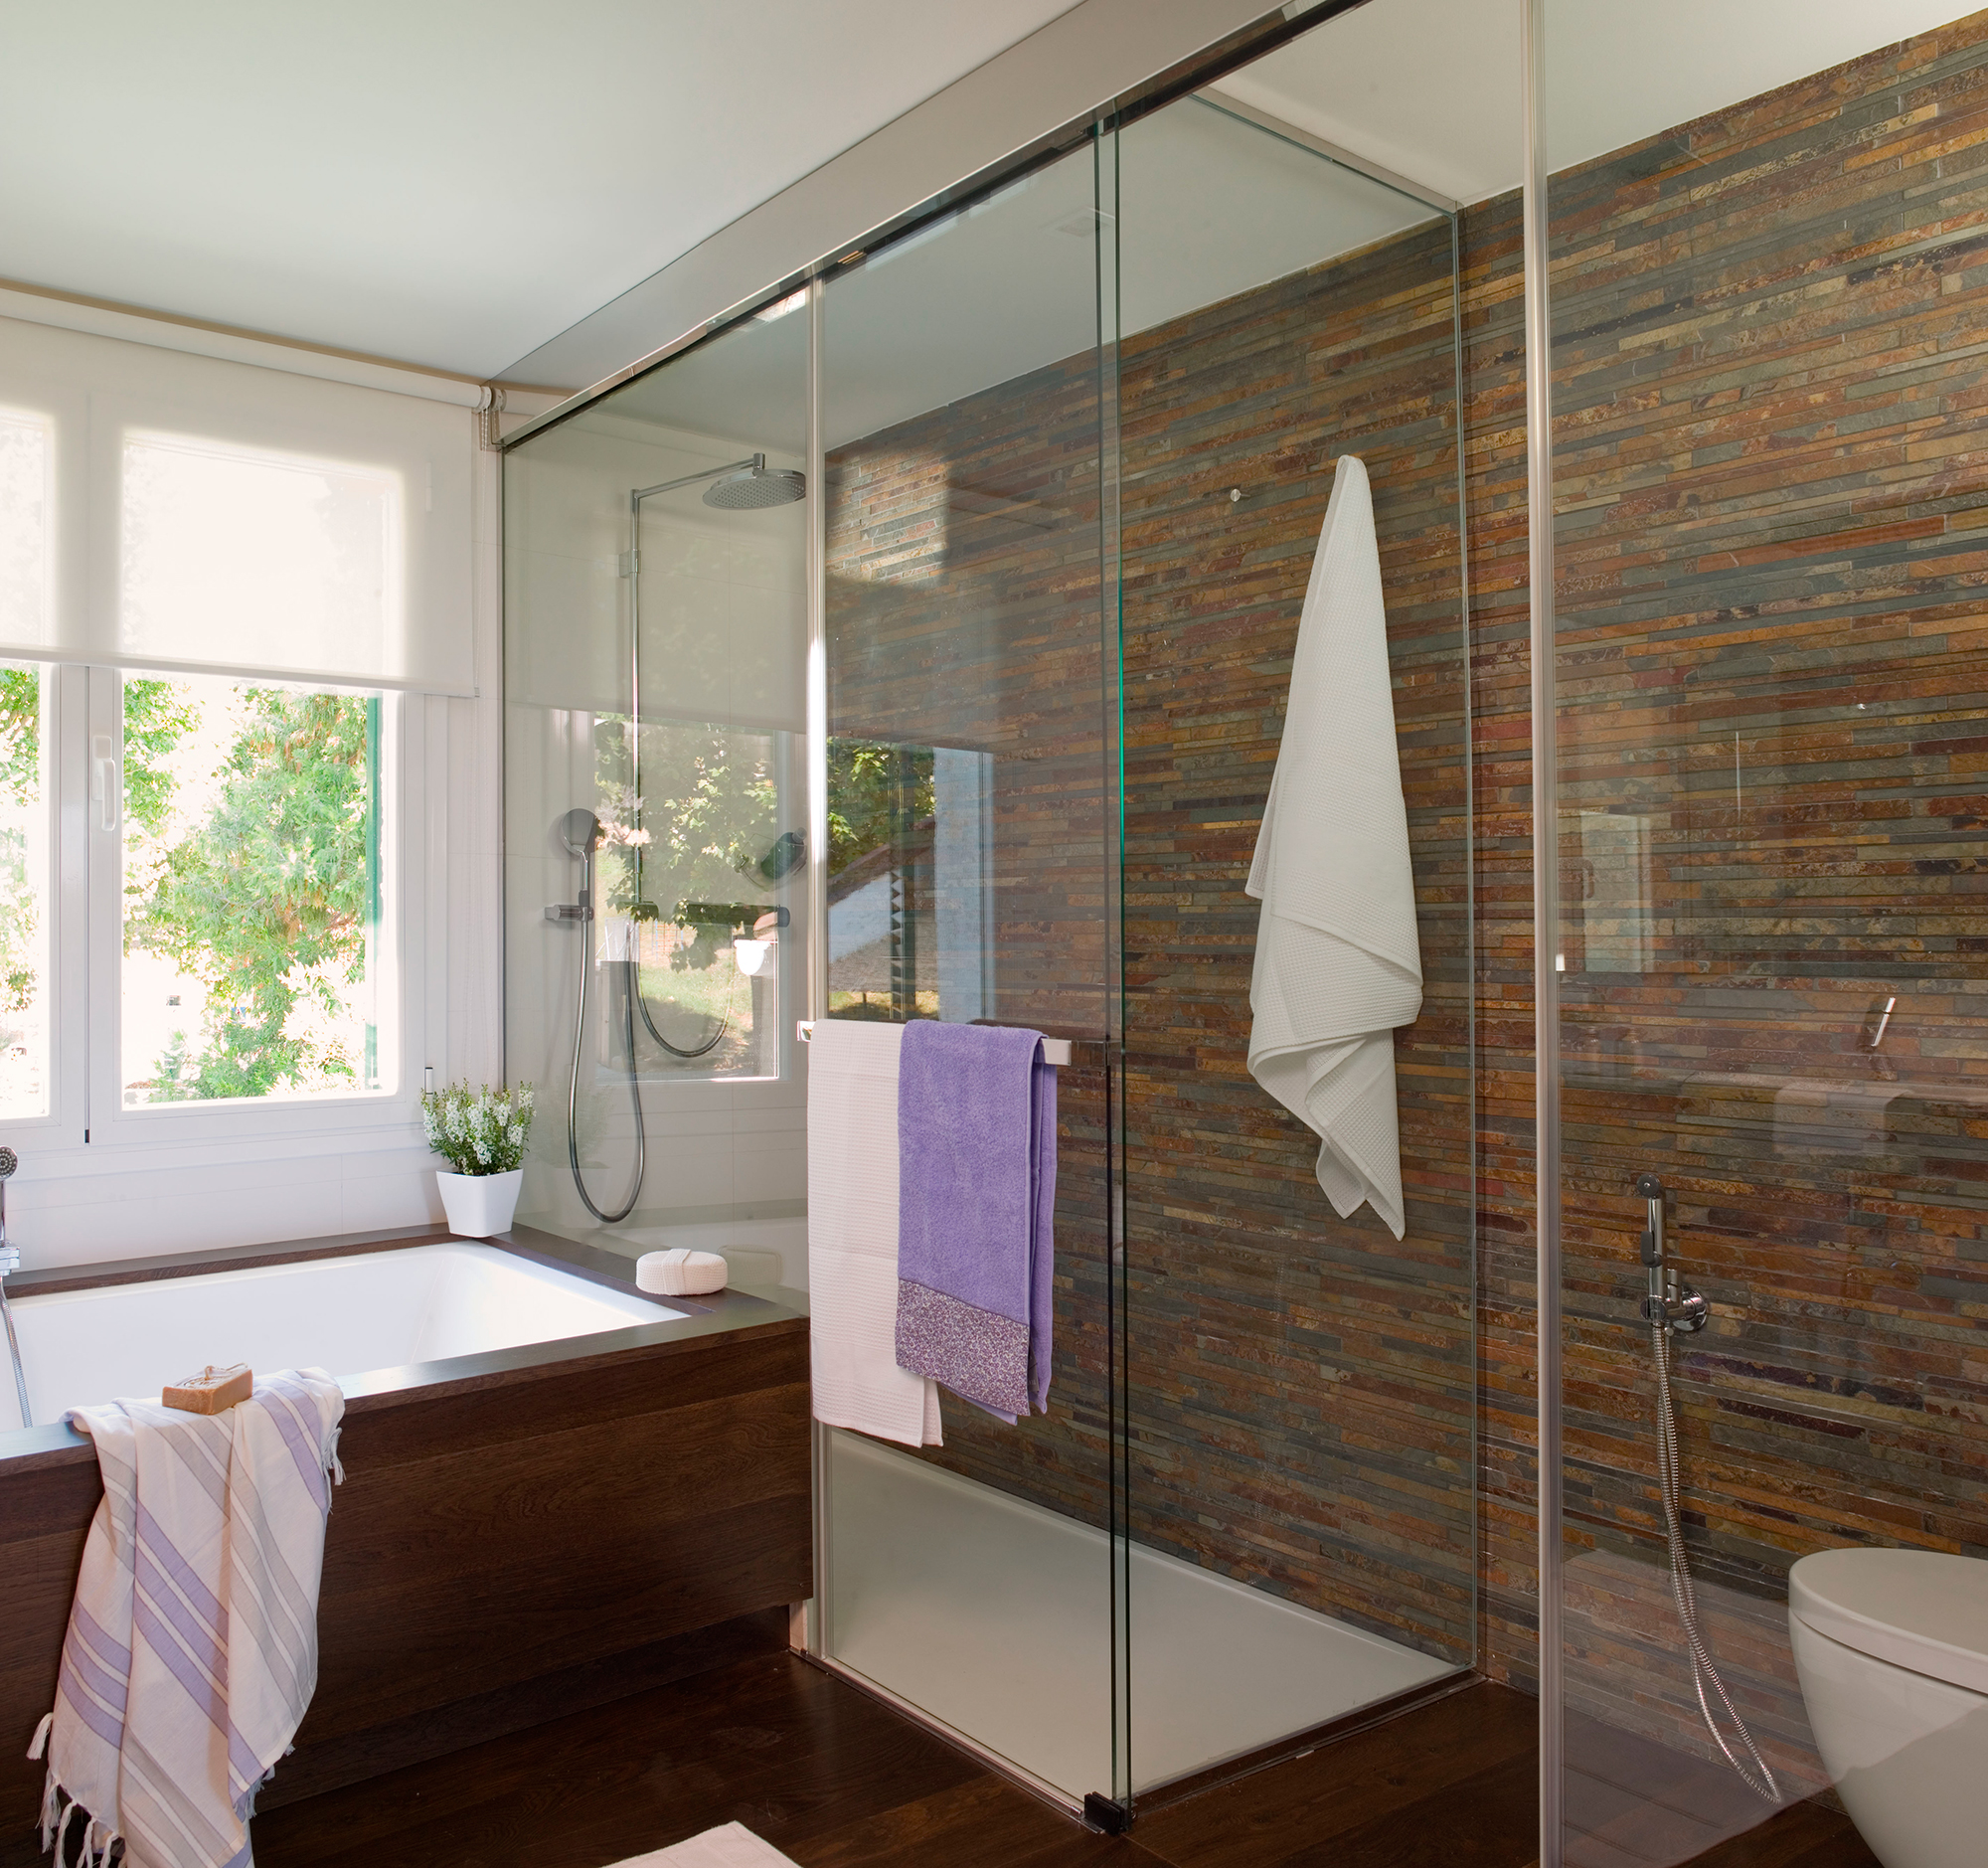 Ba era o ducha pros y contras y claves para elegir - Banos con banera y plato de ducha ...